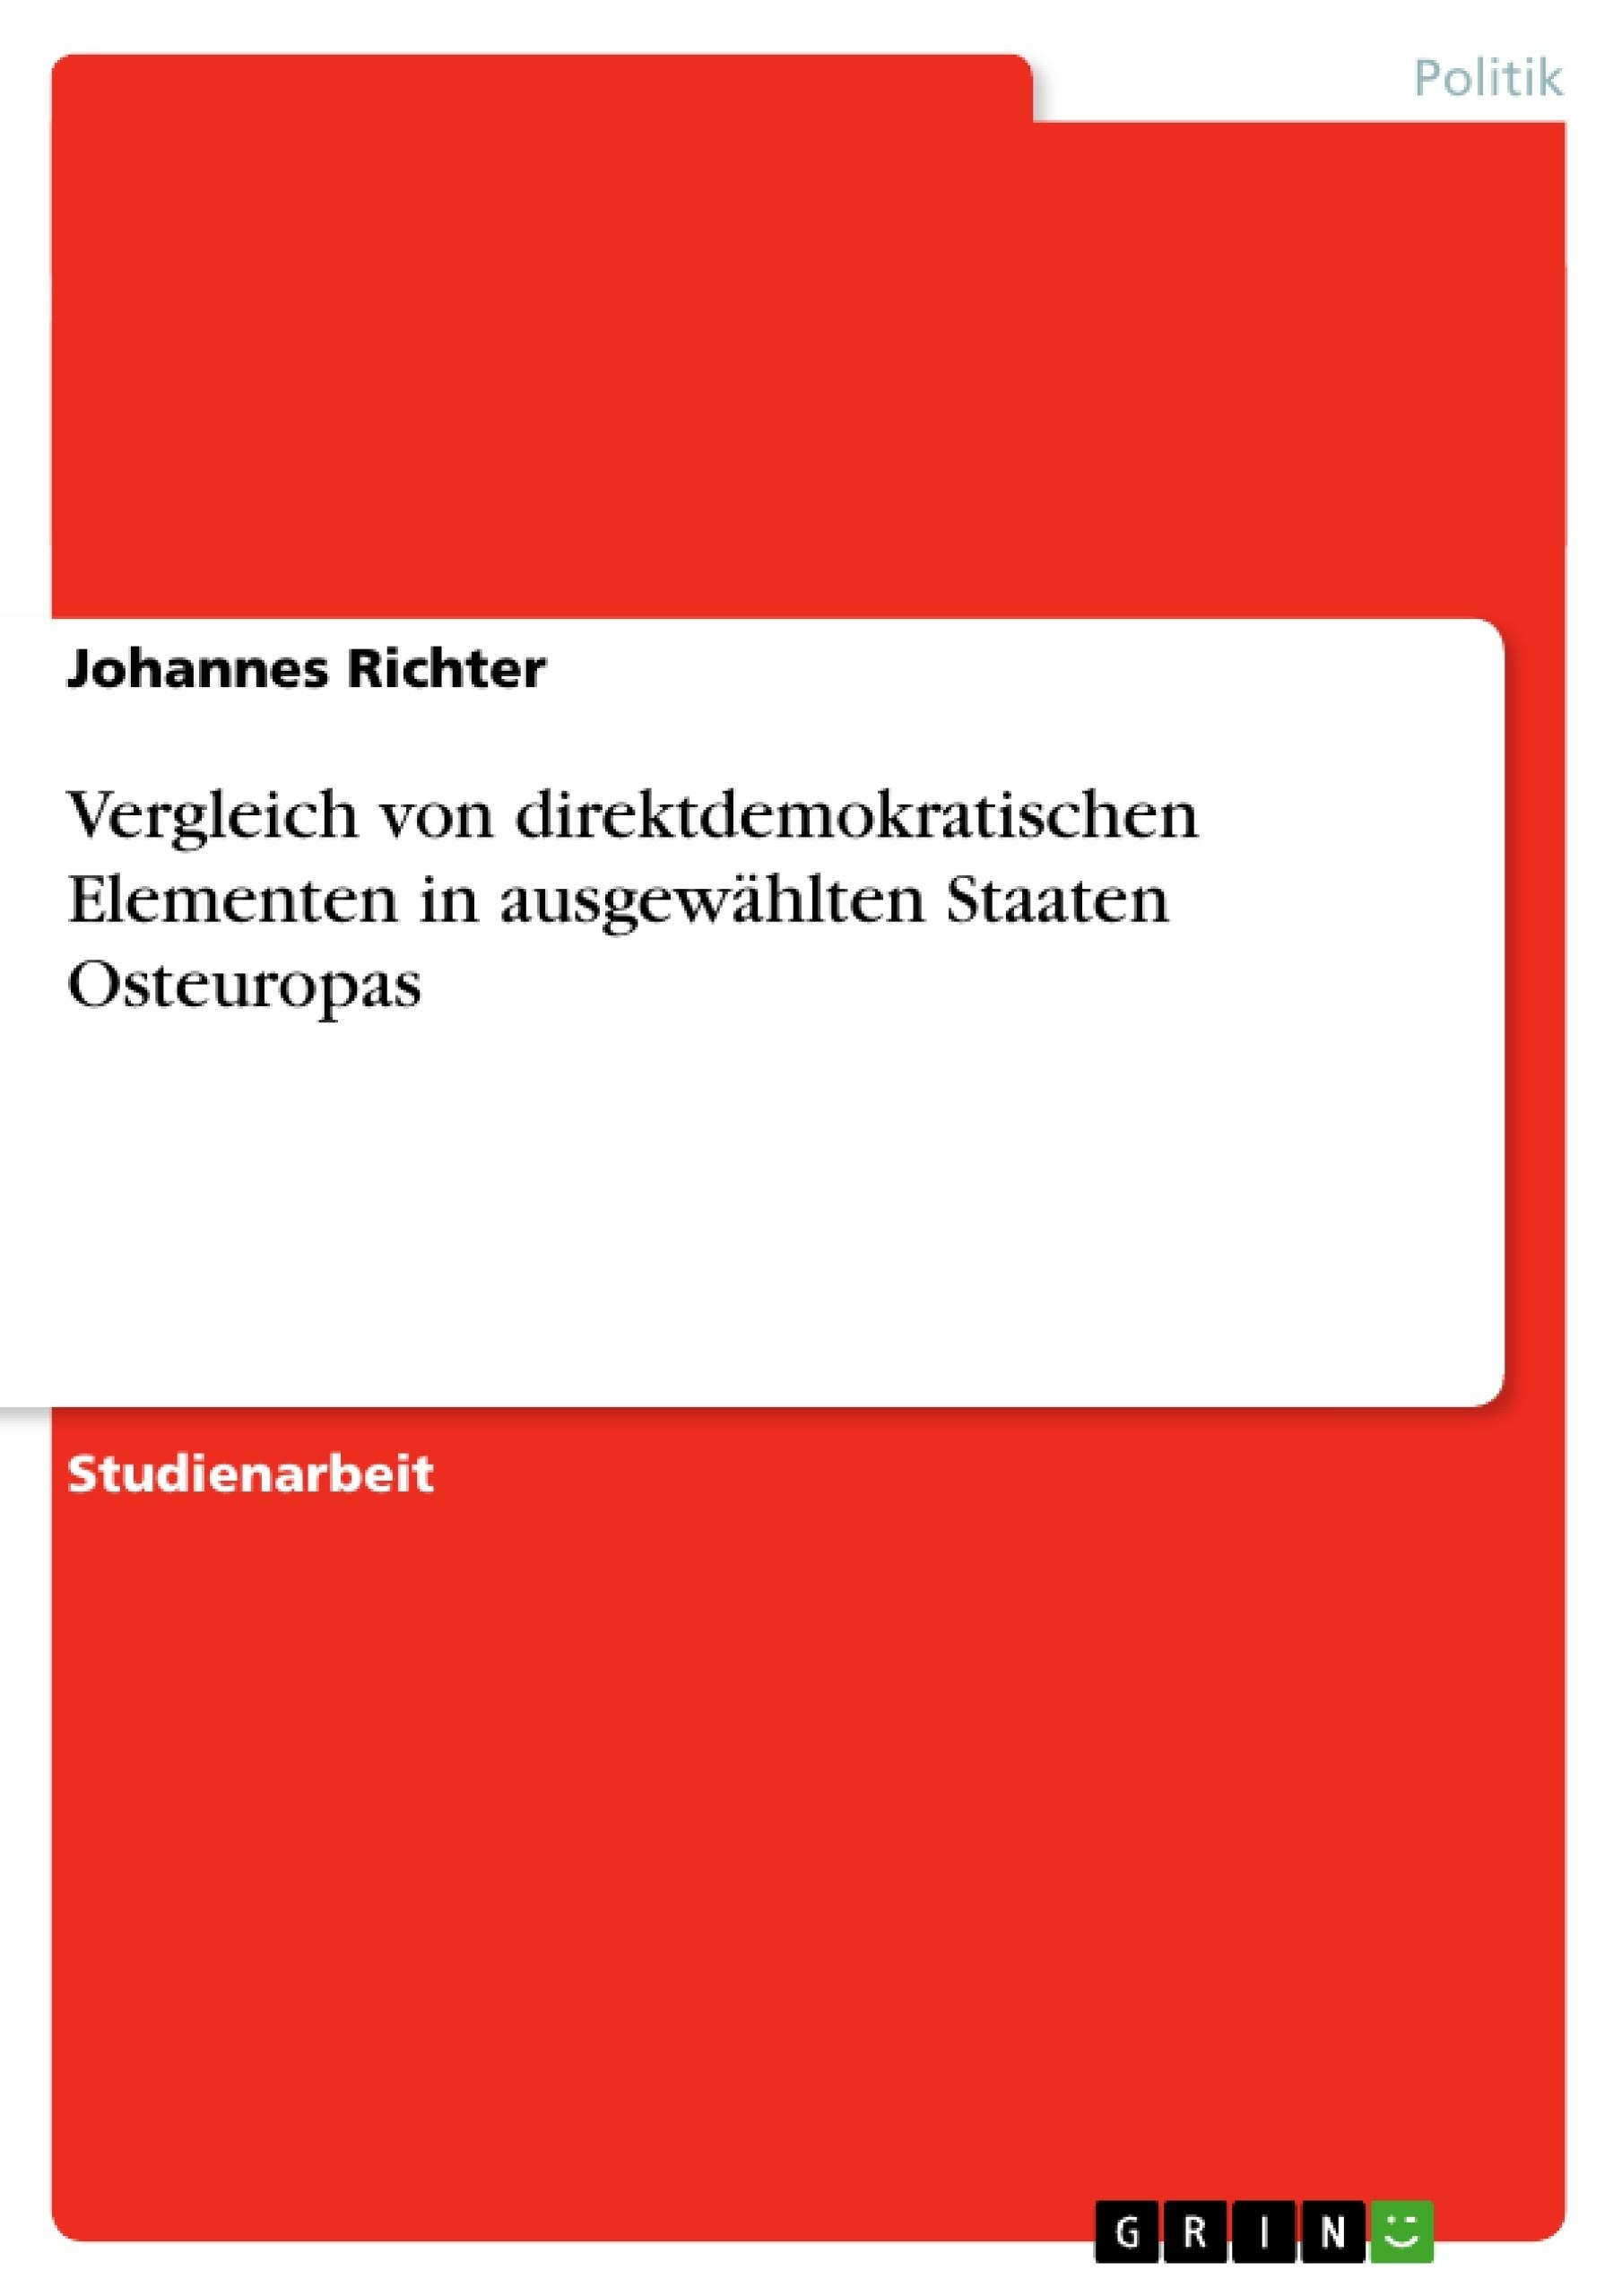 Titel: Vergleich von direktdemokratischen Elementen in ausgewählten Staaten Osteuropas